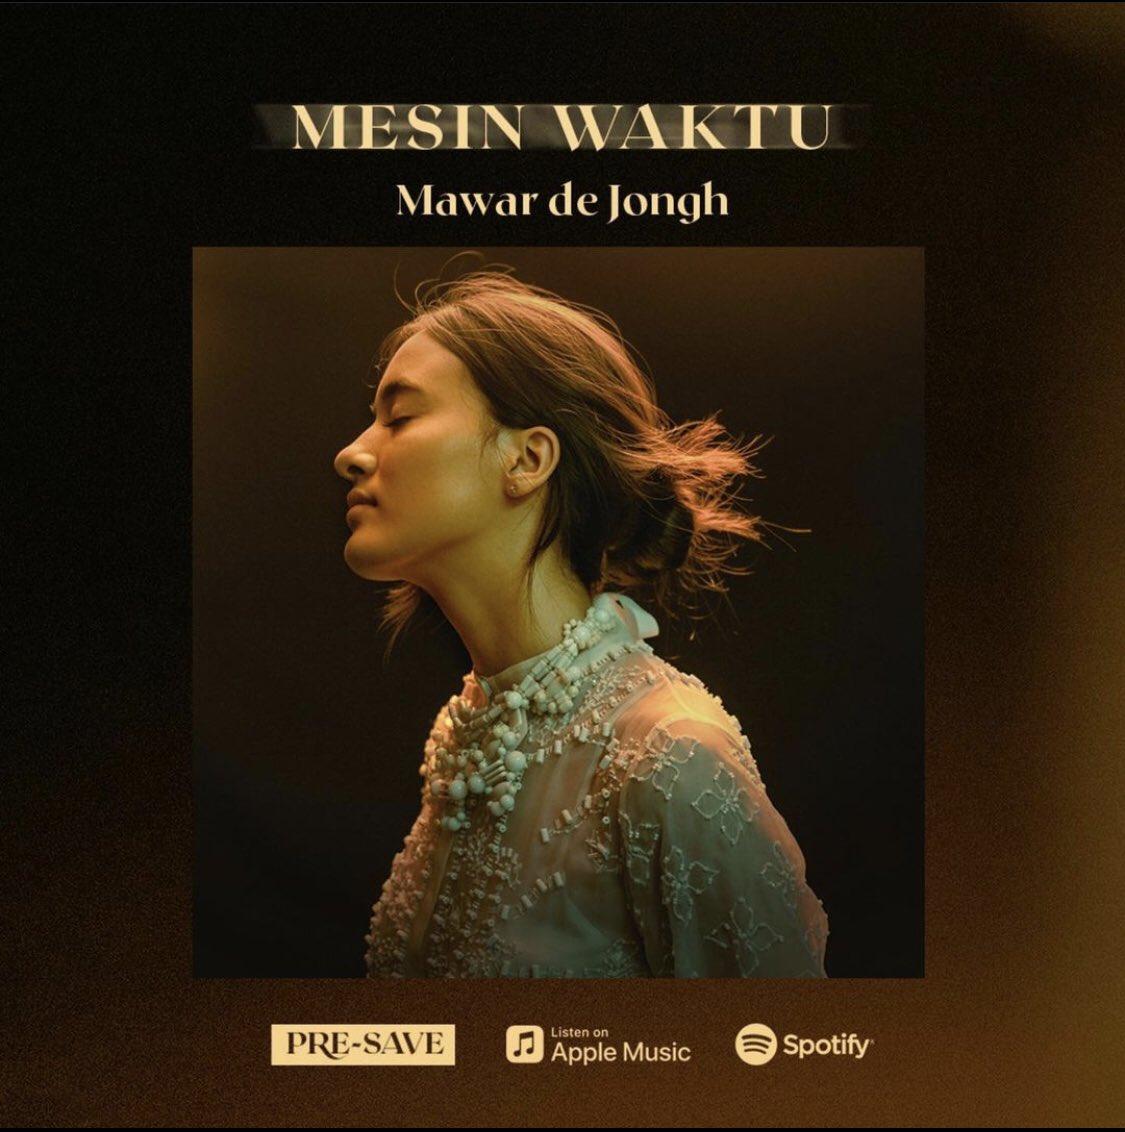 Single terbaru Mawar de Jongh - Mesin Waktu udah bisa kamu Pre-Save. Jangan lupa tonton MV nya di tanggal 29 Januari 2021. Cheers!